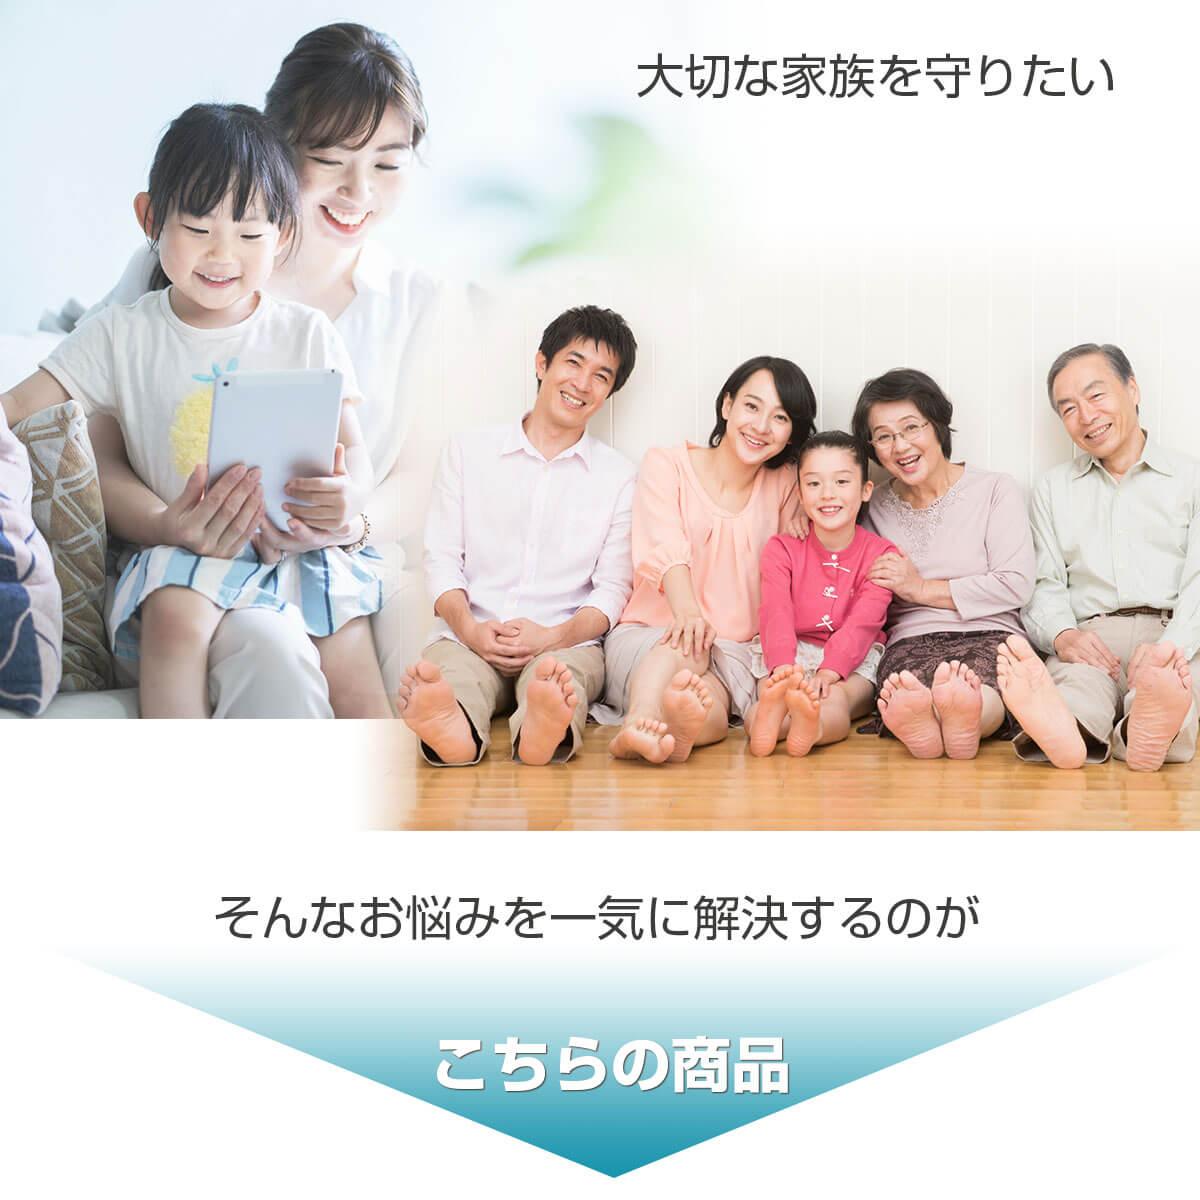 大切な家族を守る為のお悩み解決商品